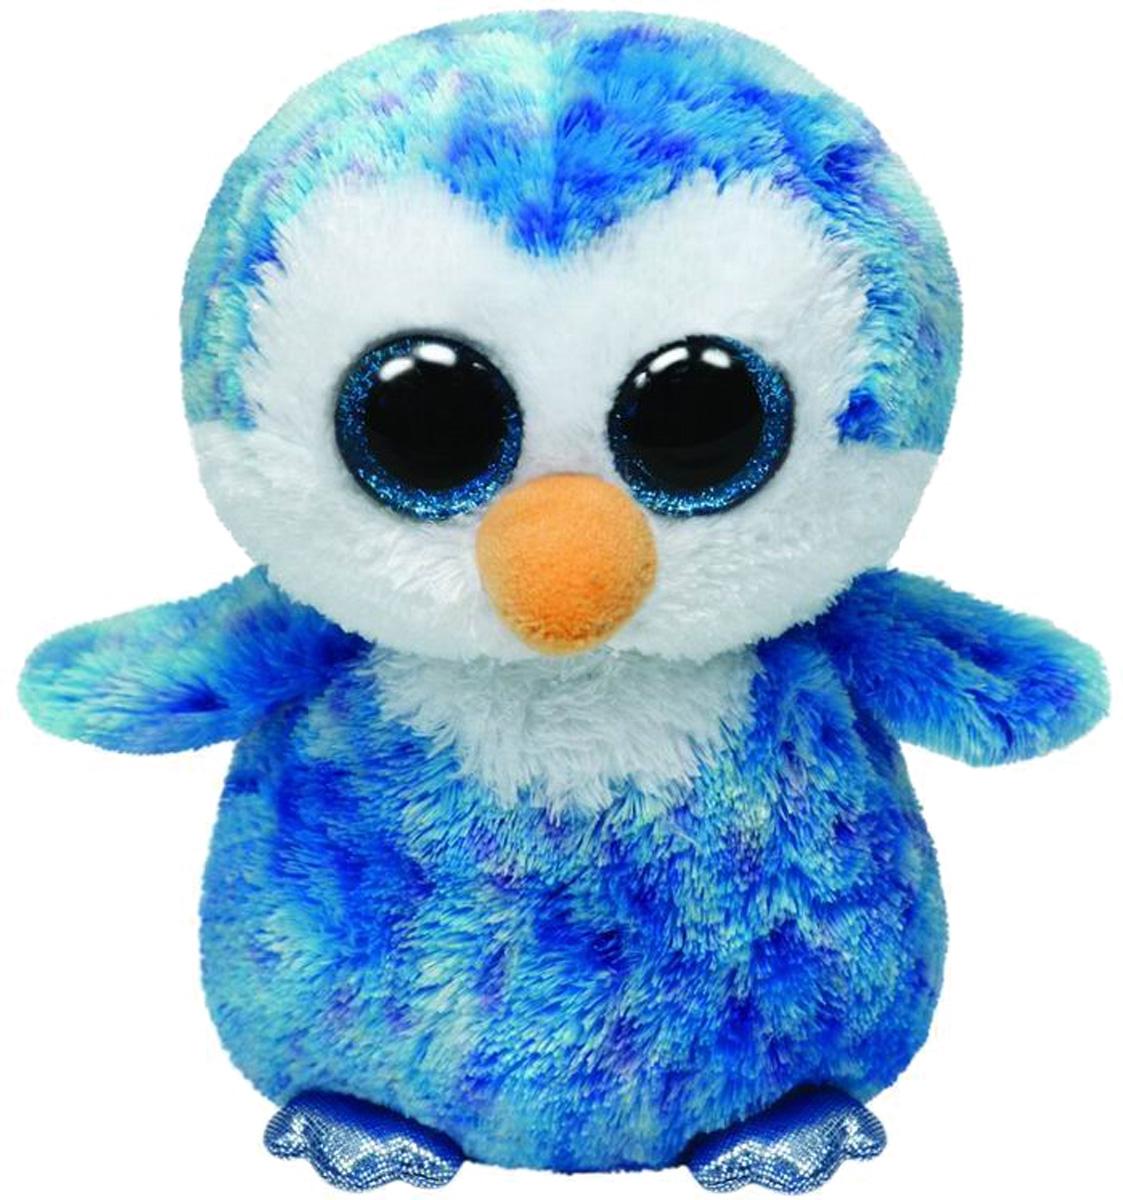 Beanie Boos Пингвин Ice Cube, 23 см37044Мягкая игрушка TY - это прекрасный подарок для вашего малыша. Модель отличается оригинальным дизайном и качественным исполнением. Игрушка станет верным другом для каждого ребёнка, подарит множество приятных мгновений и непременно поднимет настроение. Изготовлена из искусственного и трикотажного меха, полиэфирного волокна, фурнитура - из пластмассы. Эта милая и забавная игрушка обязательно понравится вашему ребёнку.